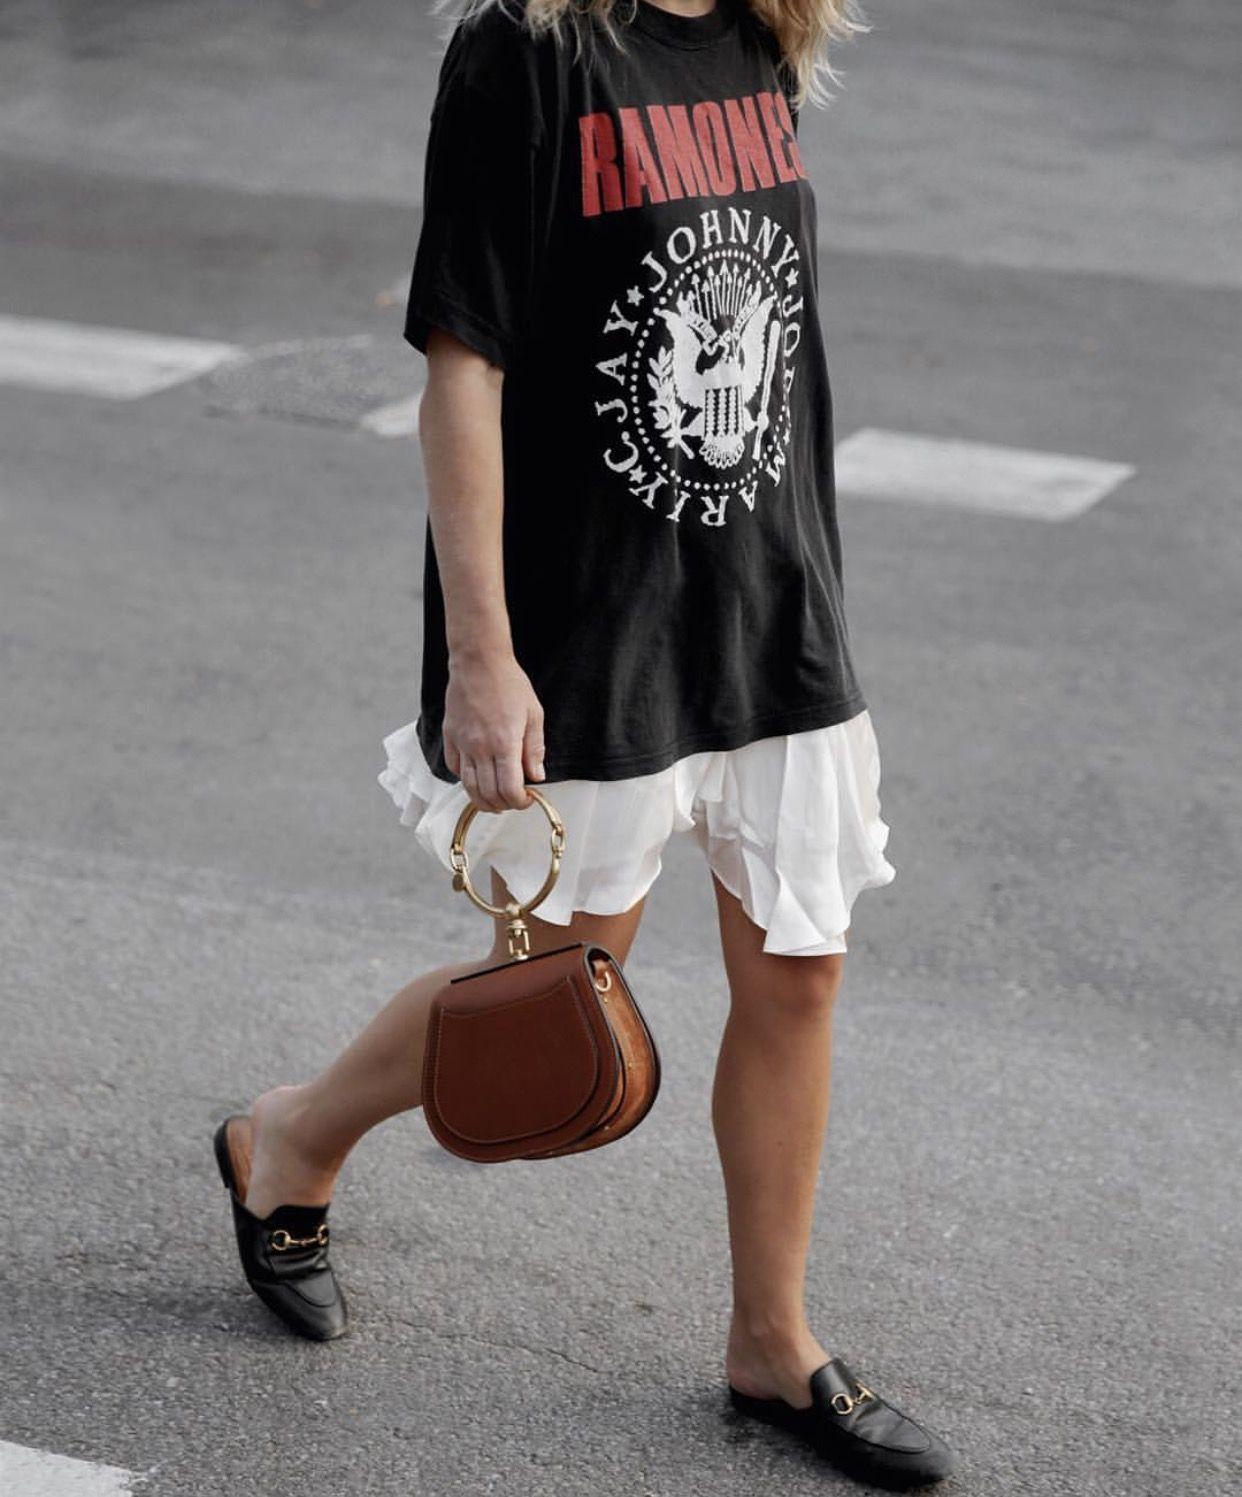 Épinglé sur Fashion style